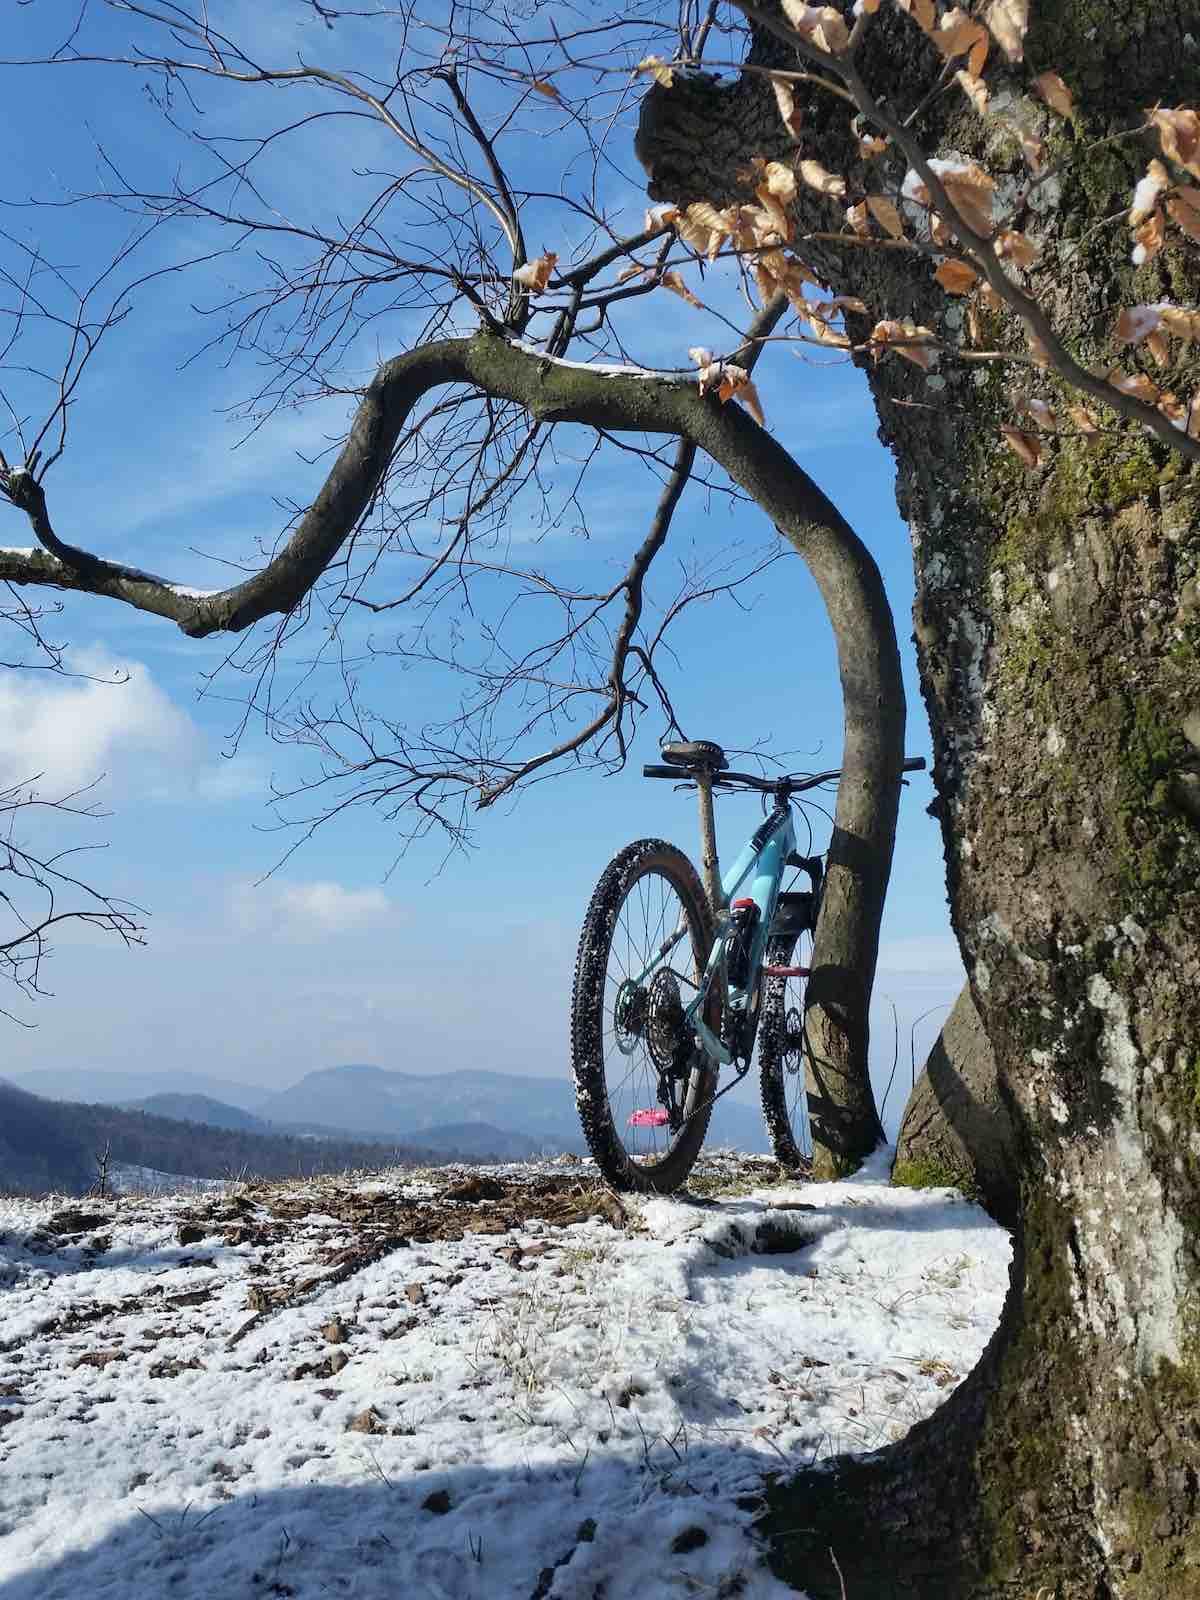 Bikerumor Pic Of The Day: Mojtin, Slovakia